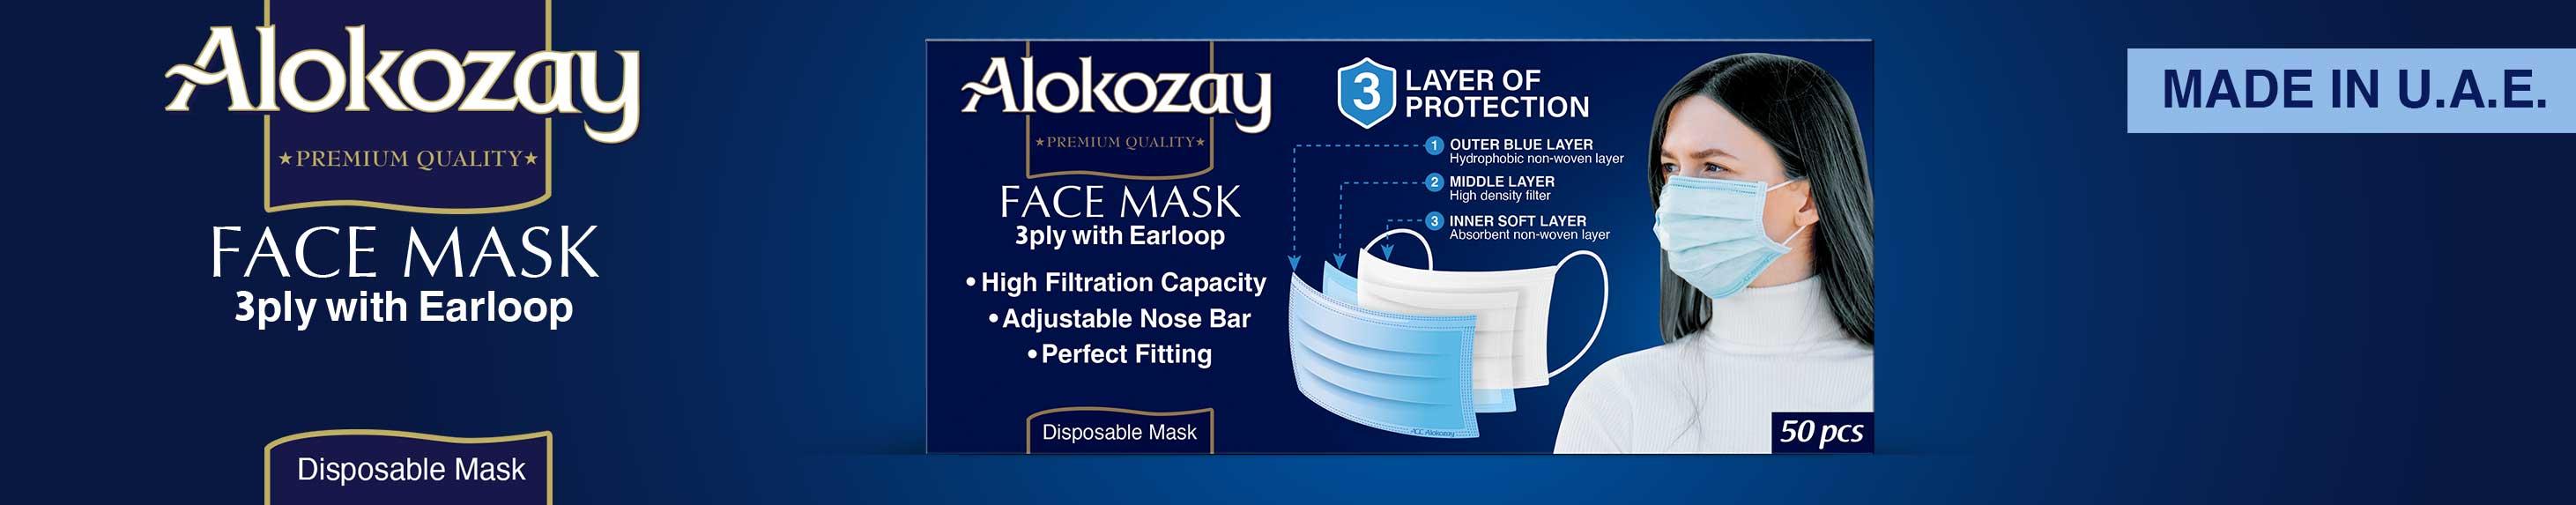 Alokozay Face Mask